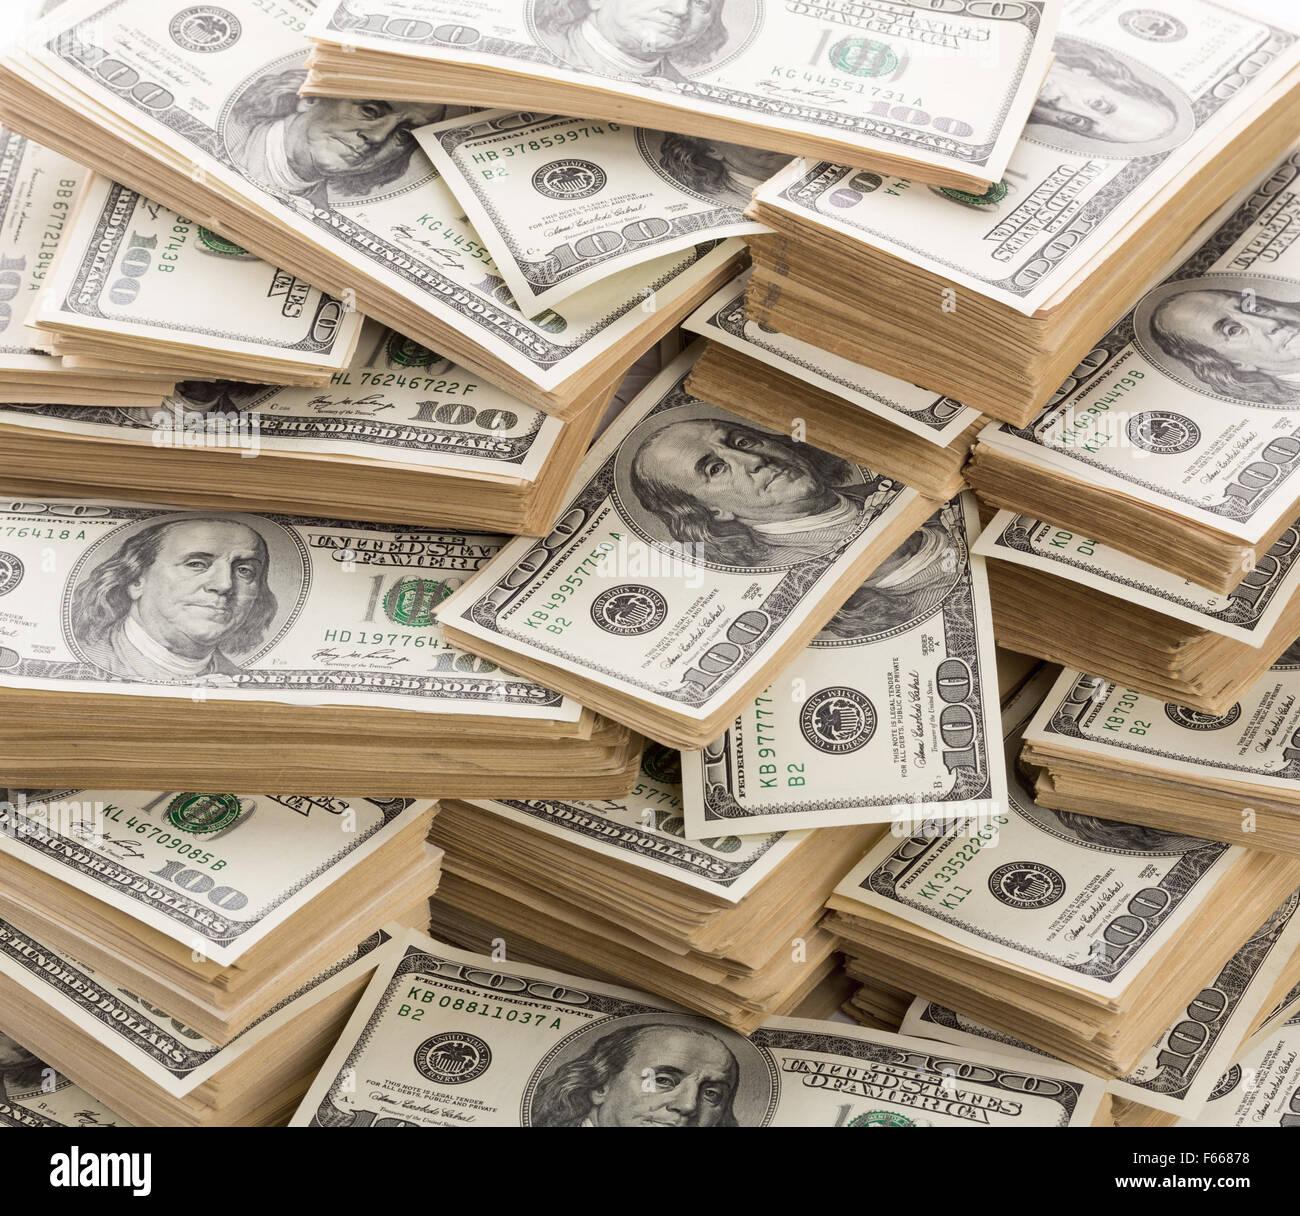 Arrière-plan de pile de billets en dollars Photo Stock